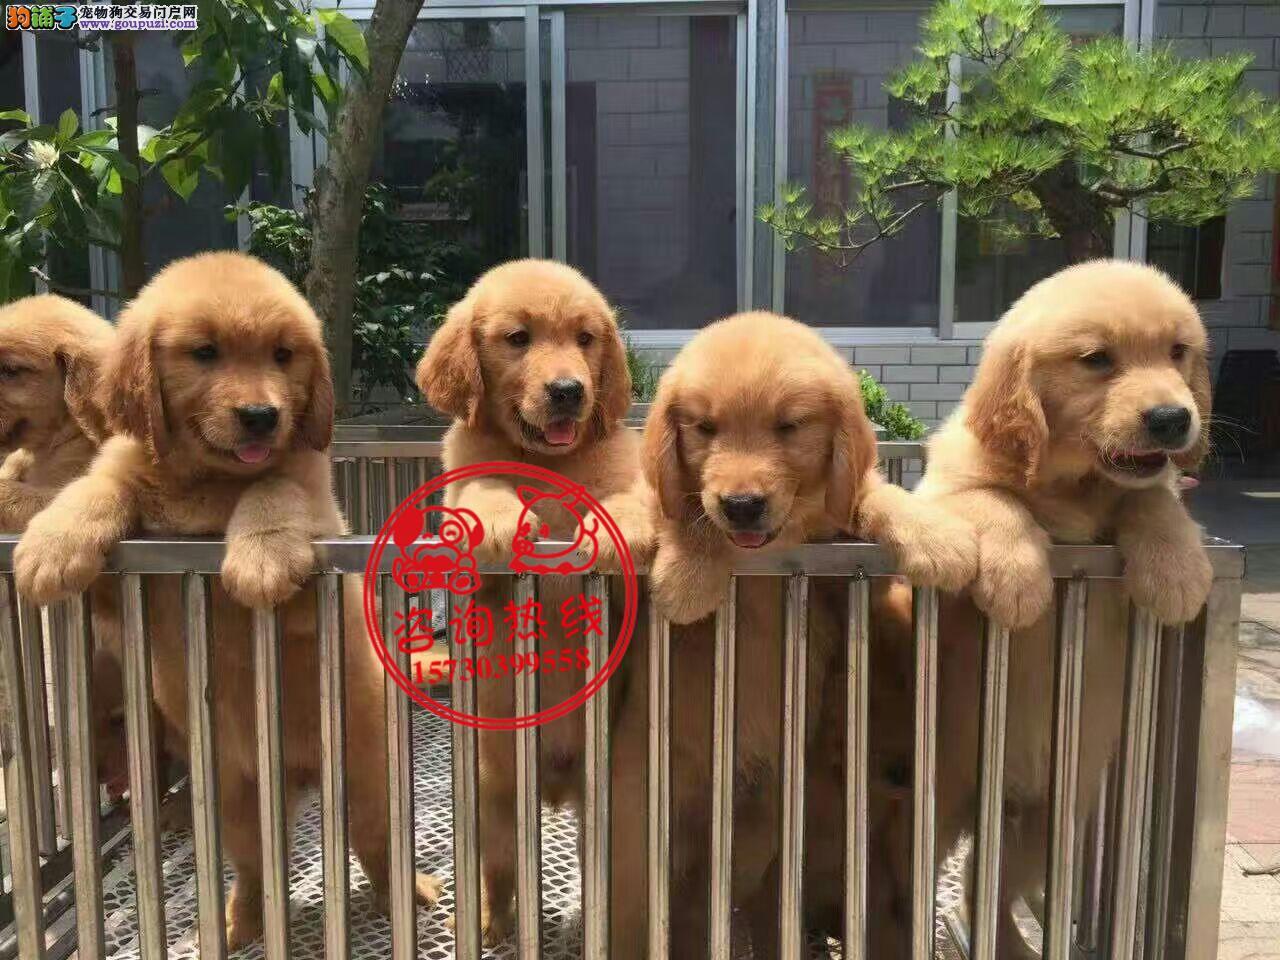 重庆犬舍直销、纯种金毛犬、签协议、支持全国发货